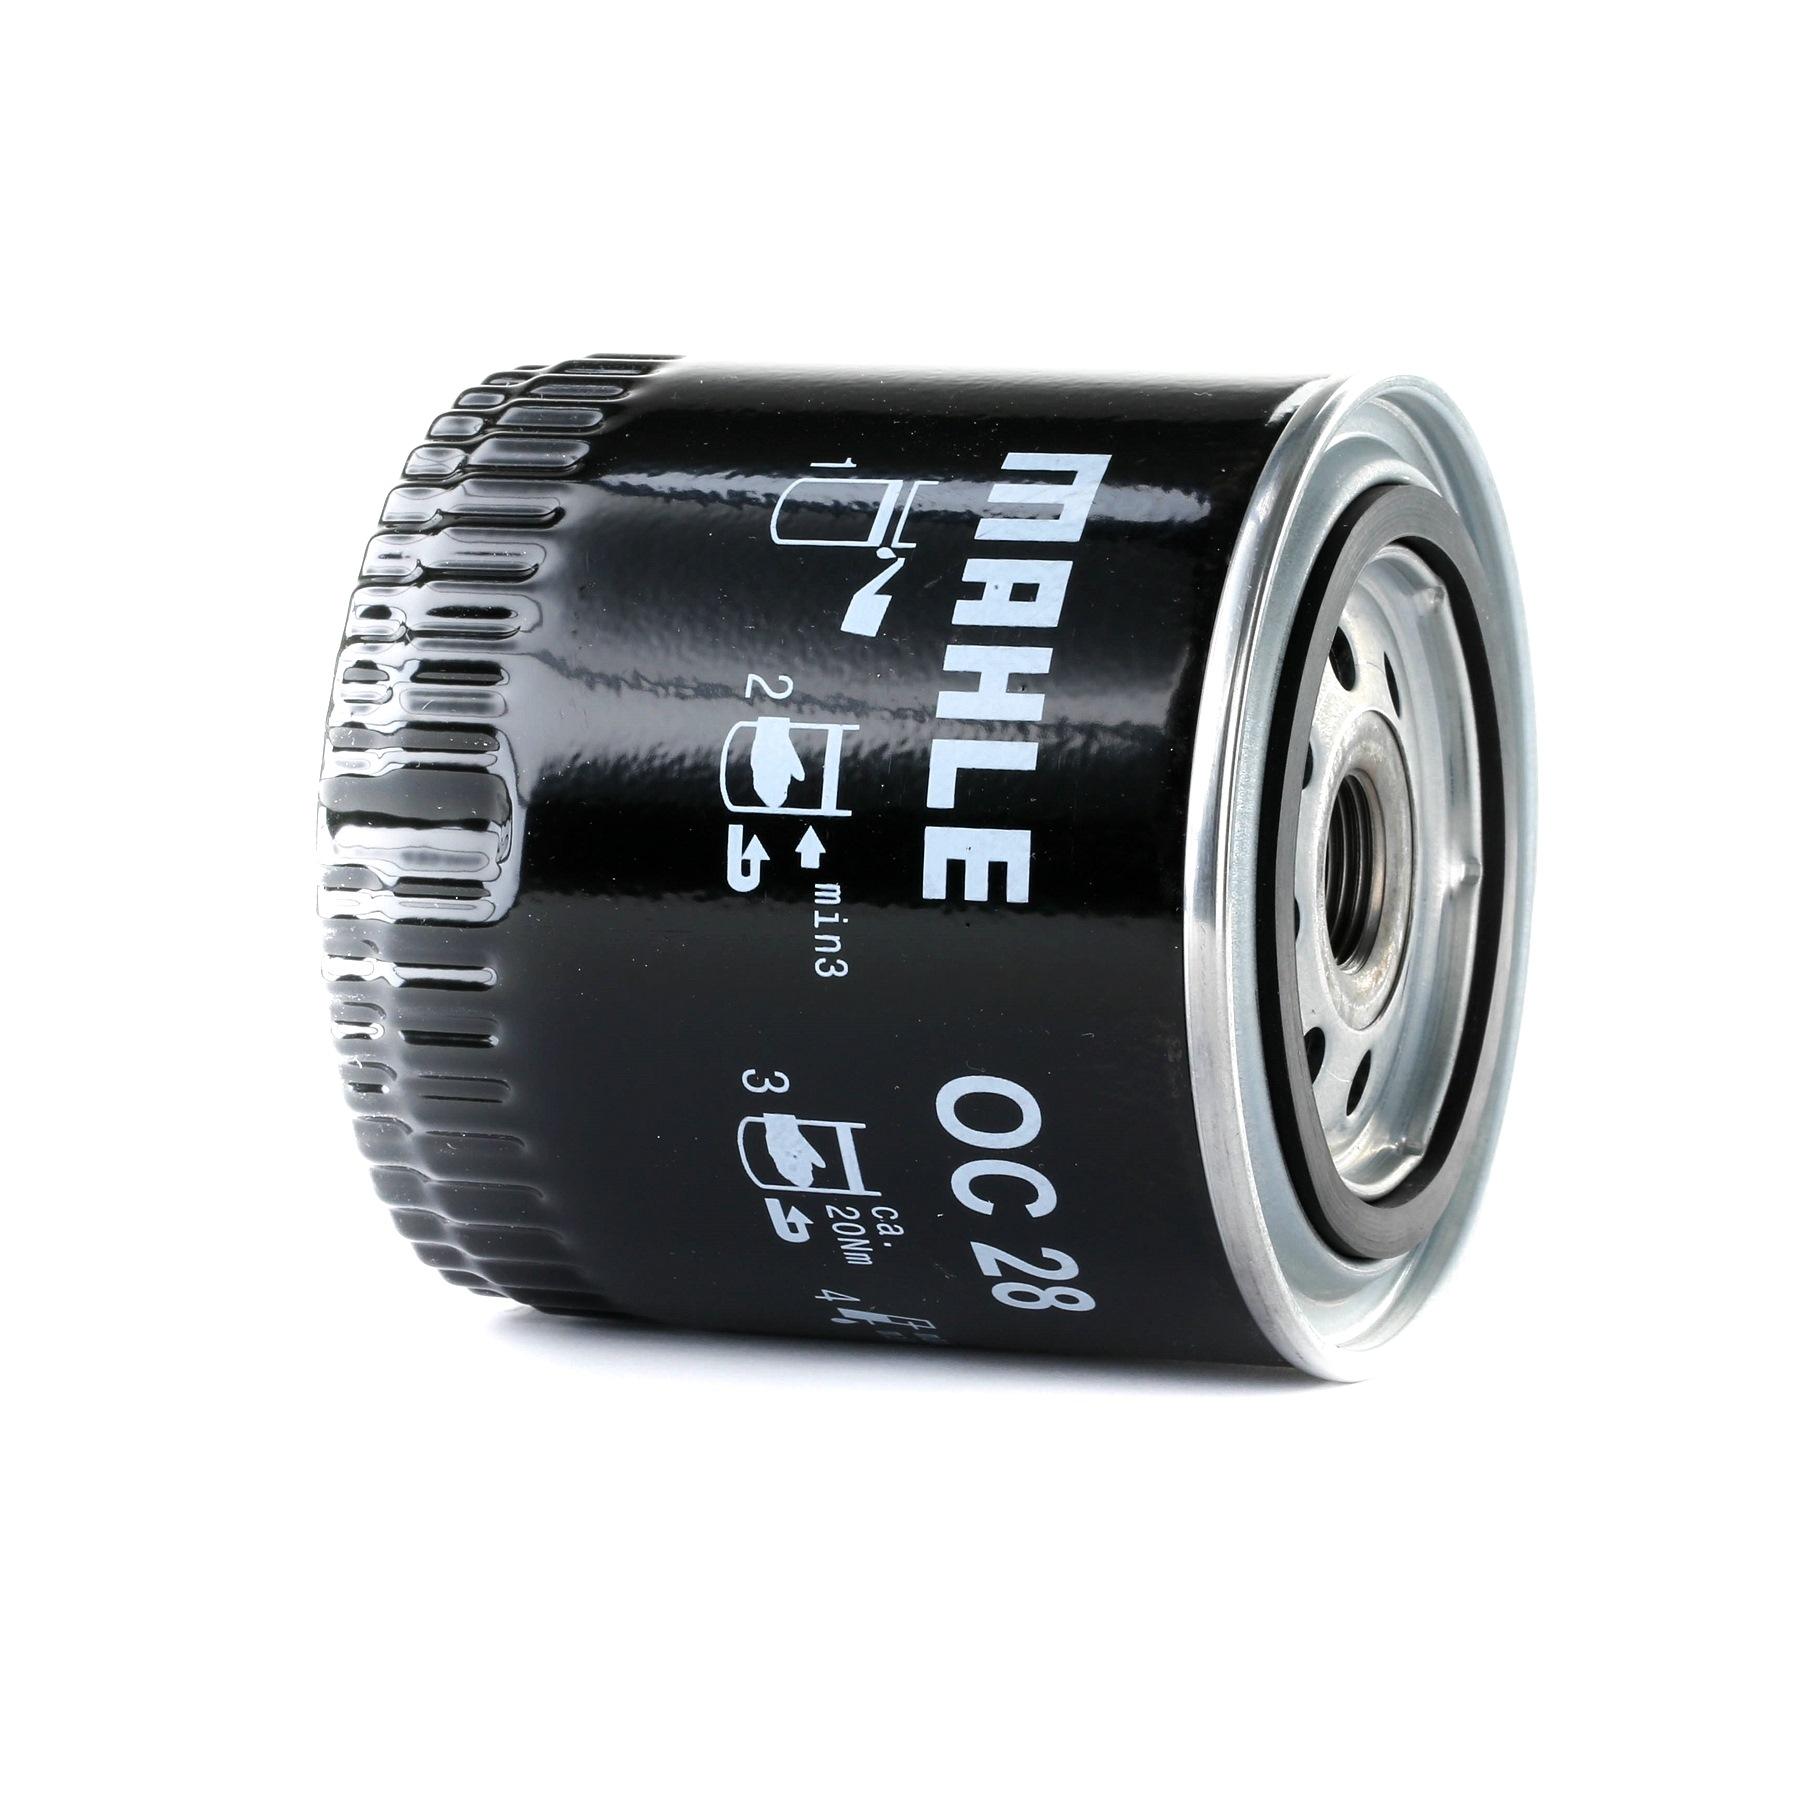 Achetez Filtre à huile MAHLE ORIGINAL OC 28 (Diamètre intérieur 2: 62mm, Diamètre intérieur 2: 62mm, Ø: 93,2mm, Diamètre extérieur 2: 72mm, Ø: 93,2mm, Hauteur: 96mm) à un rapport qualité-prix exceptionnel